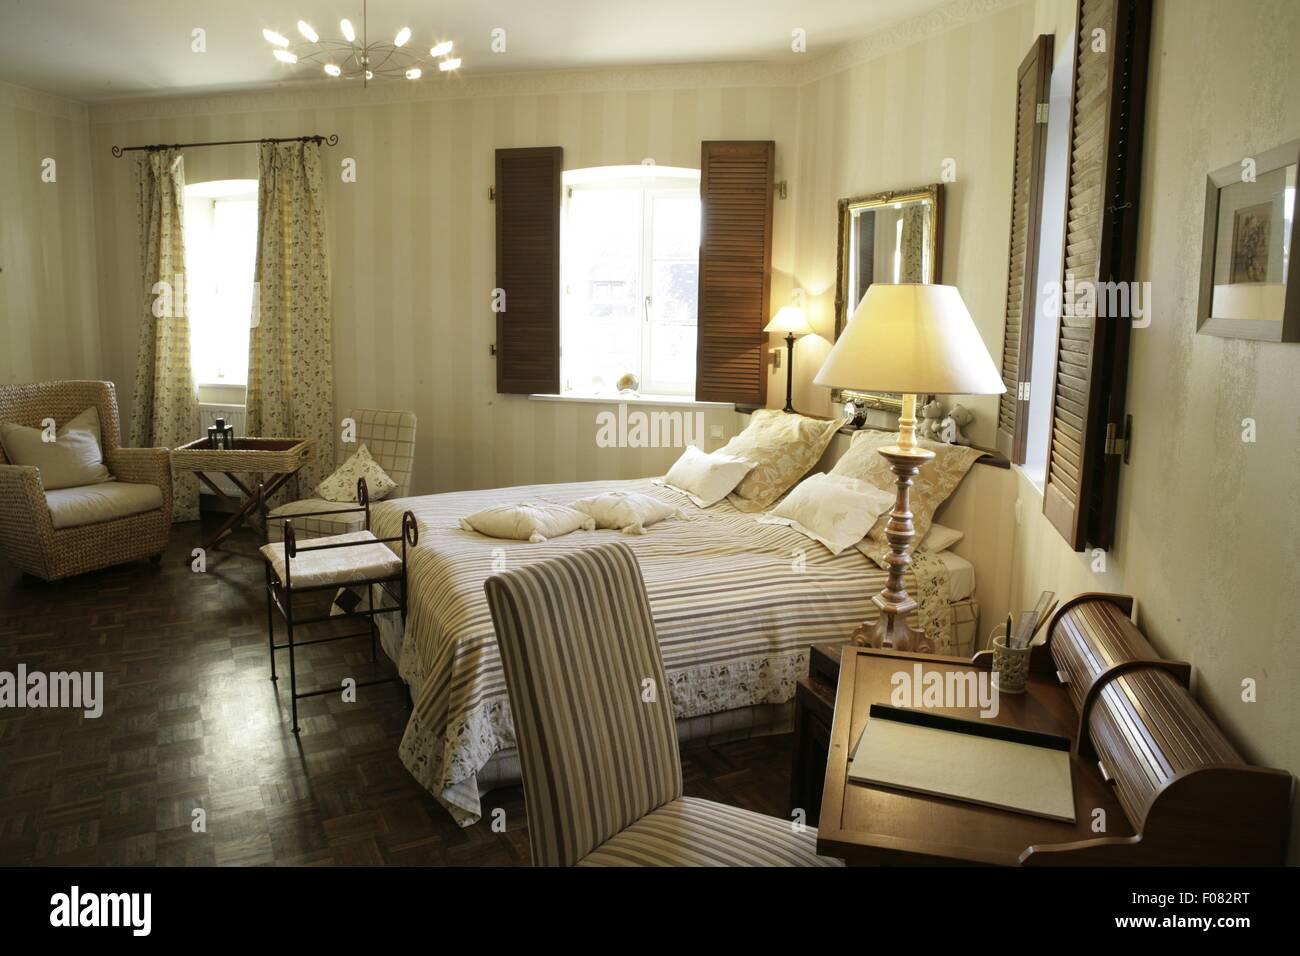 Innere Des Schlafzimmer Mit Bett Kissen Stuhle Tische Und